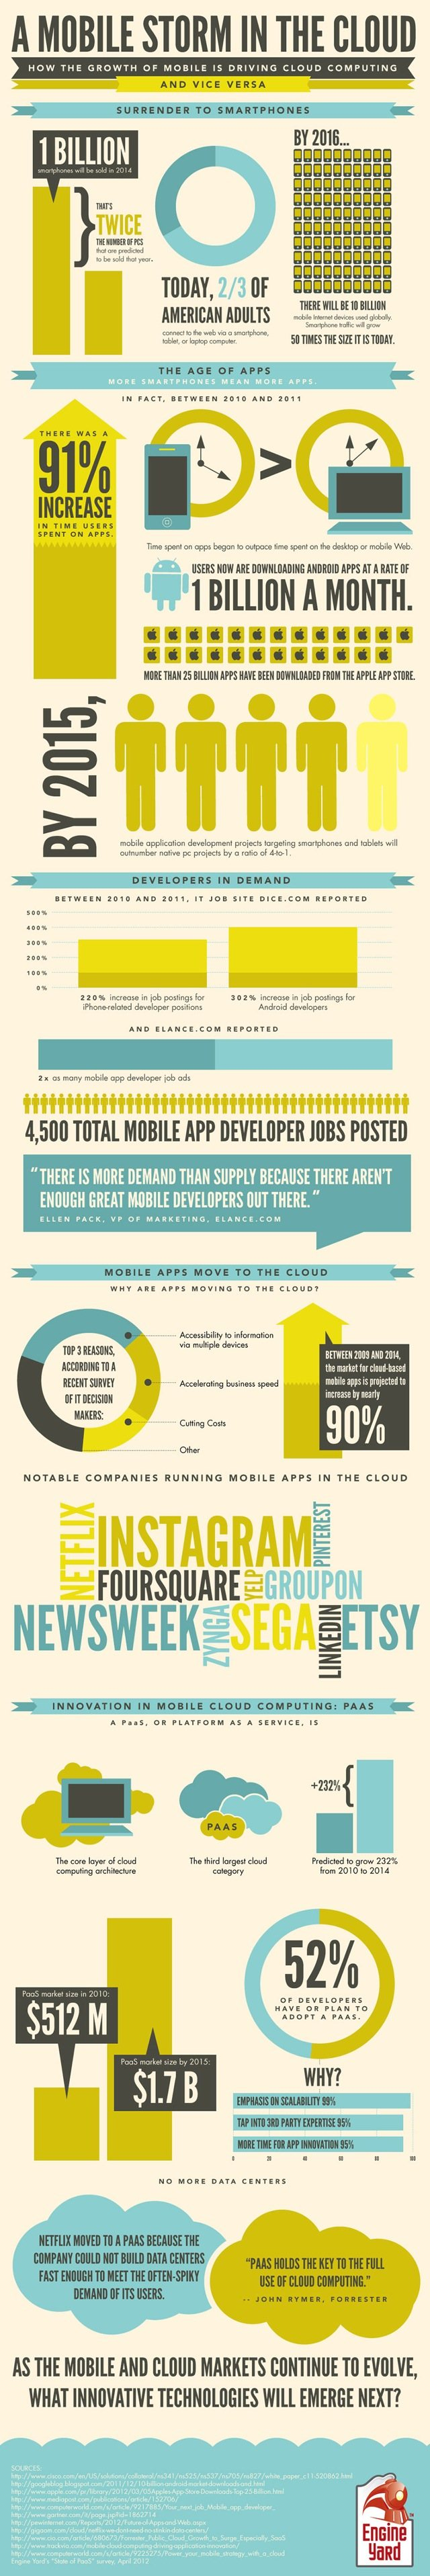 crecimiento de los móviles y el impacto en la nube